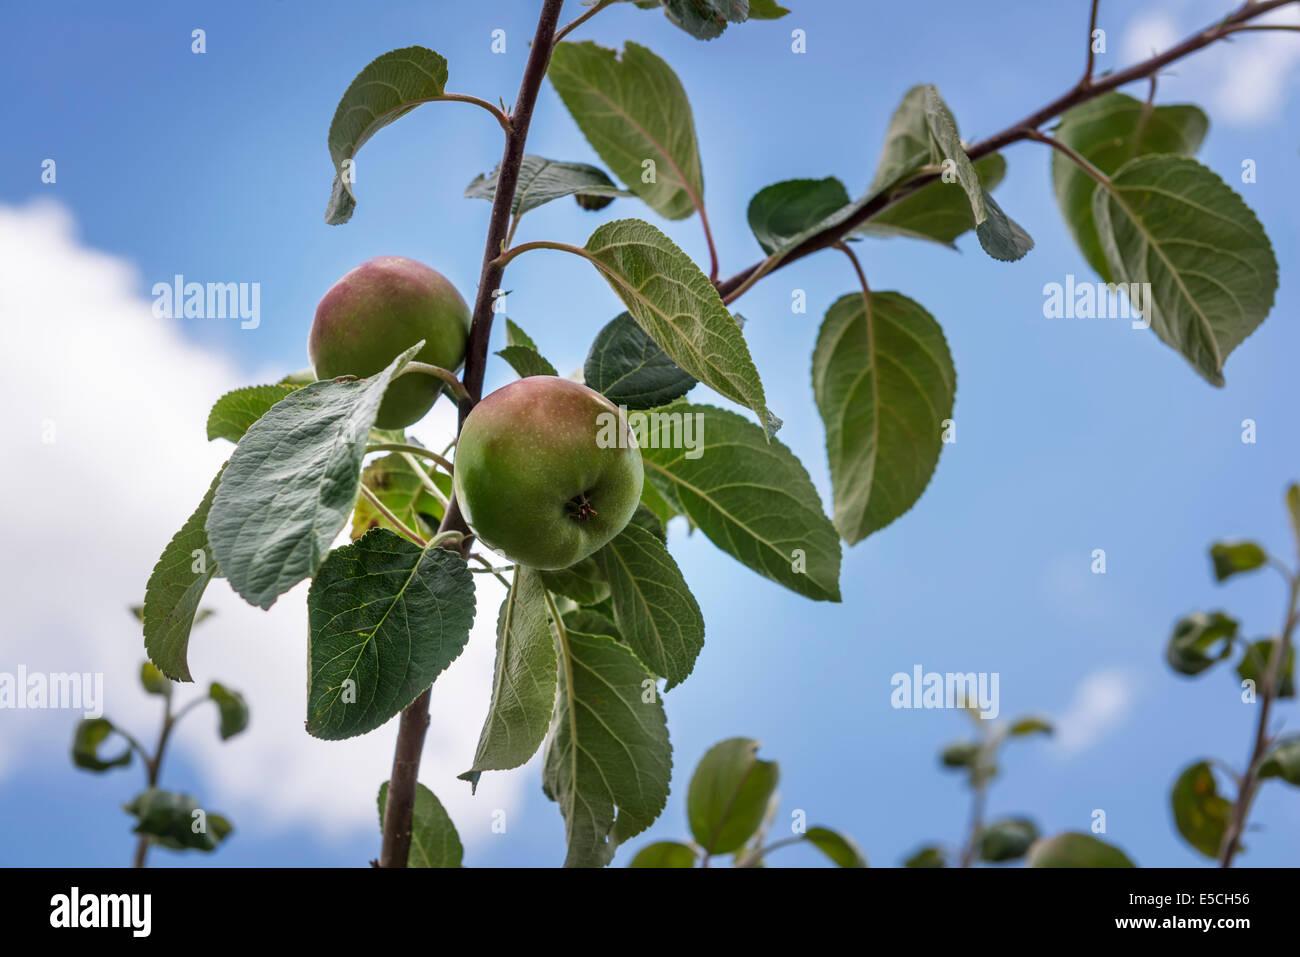 Nahaufnahme der Äpfel auf einem Ast über blauen Himmel. Ontario, Kanada. Stockbild